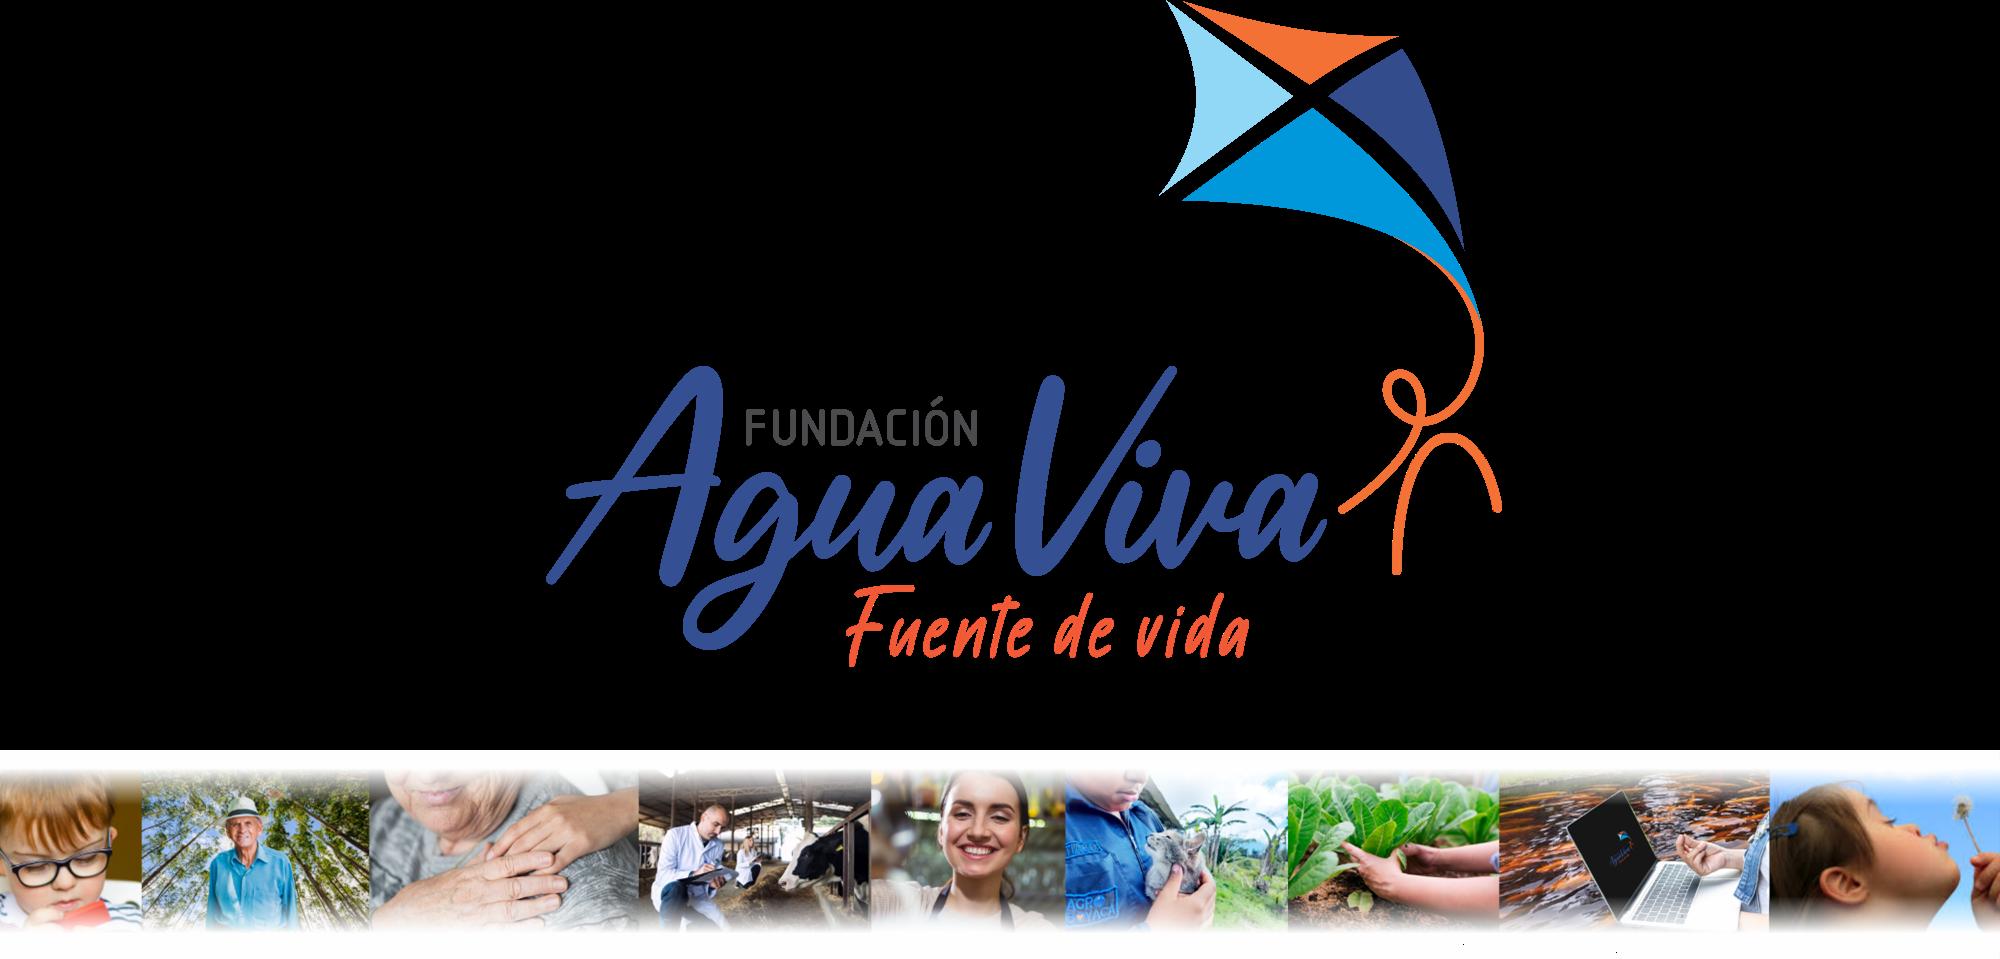 Fundación Agua Viva